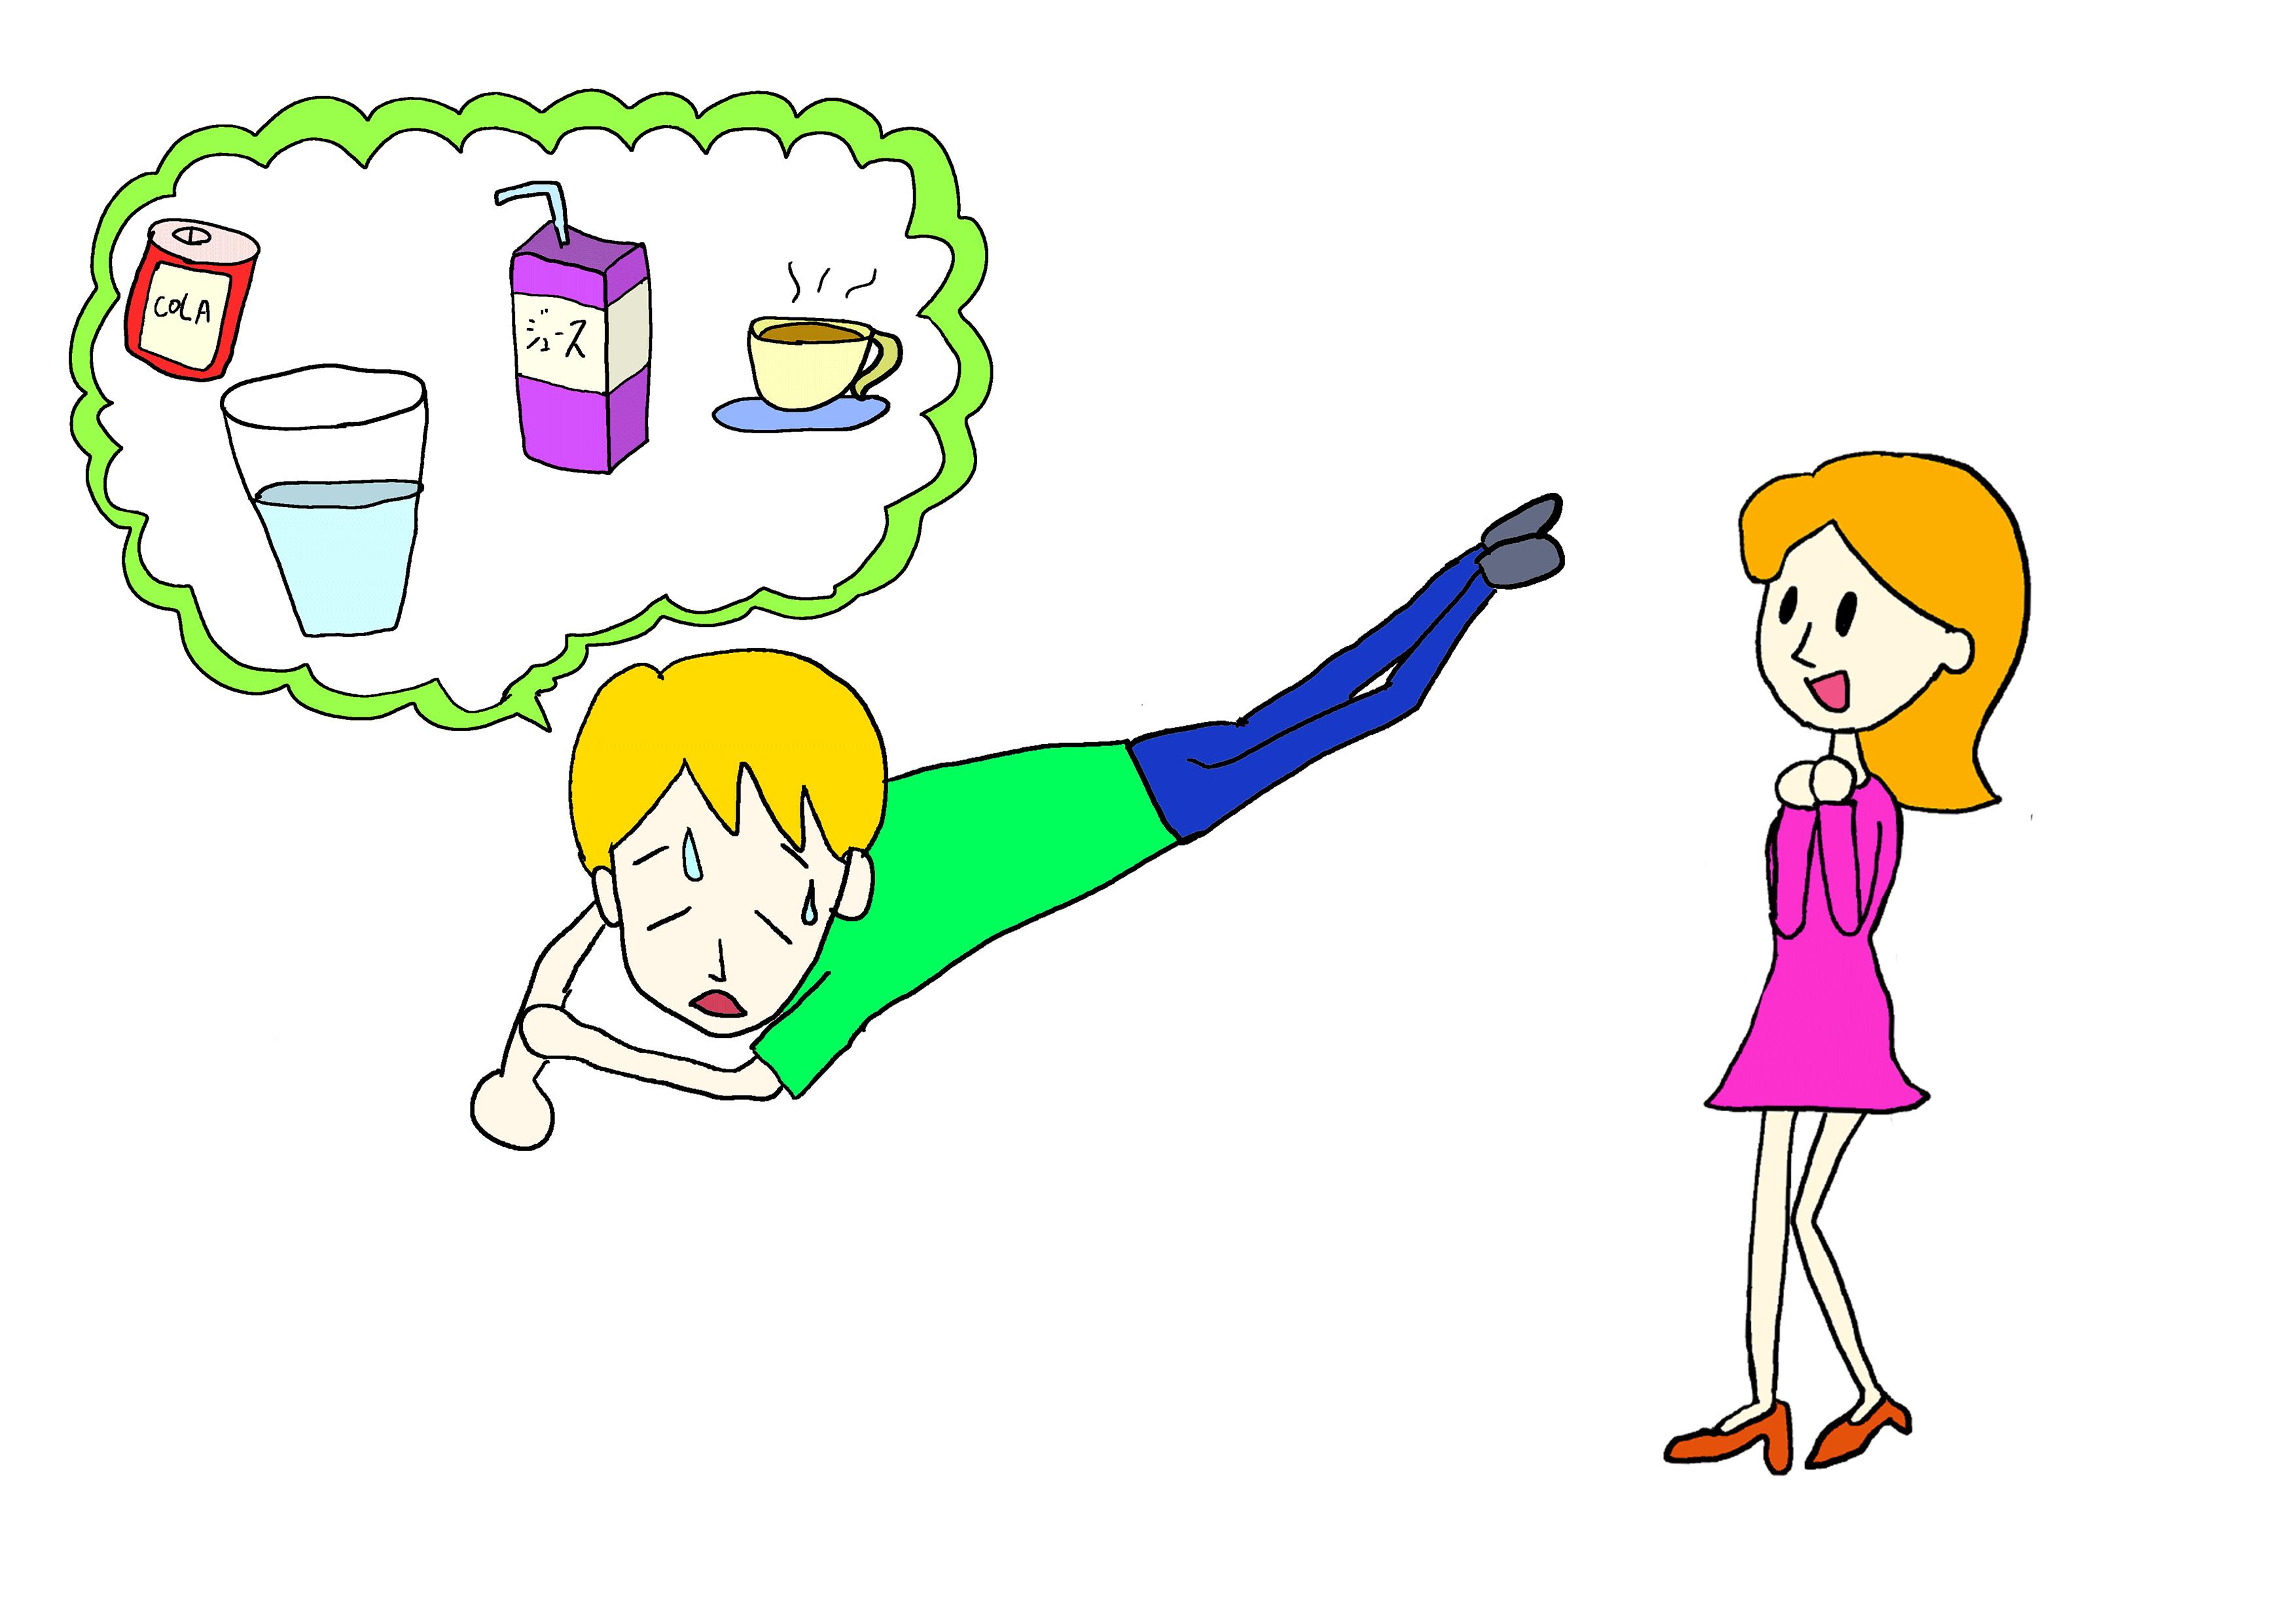 みんなの日本語31課イラスト【喉が渇いた】